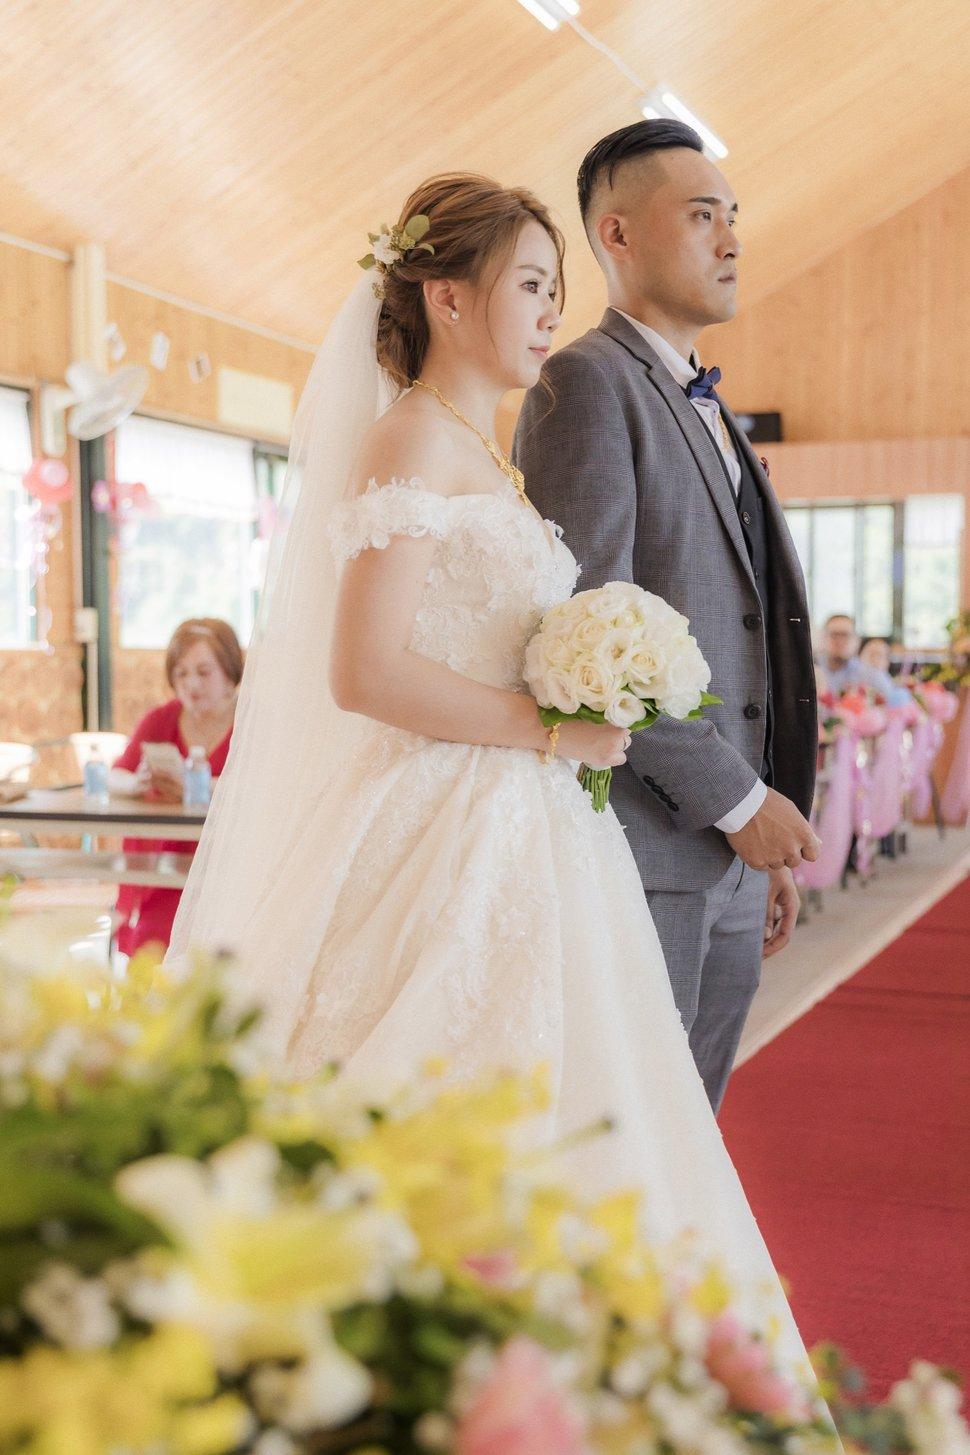 婚禮攝影-32 - Khalil Chou (凱勒·周)《結婚吧》